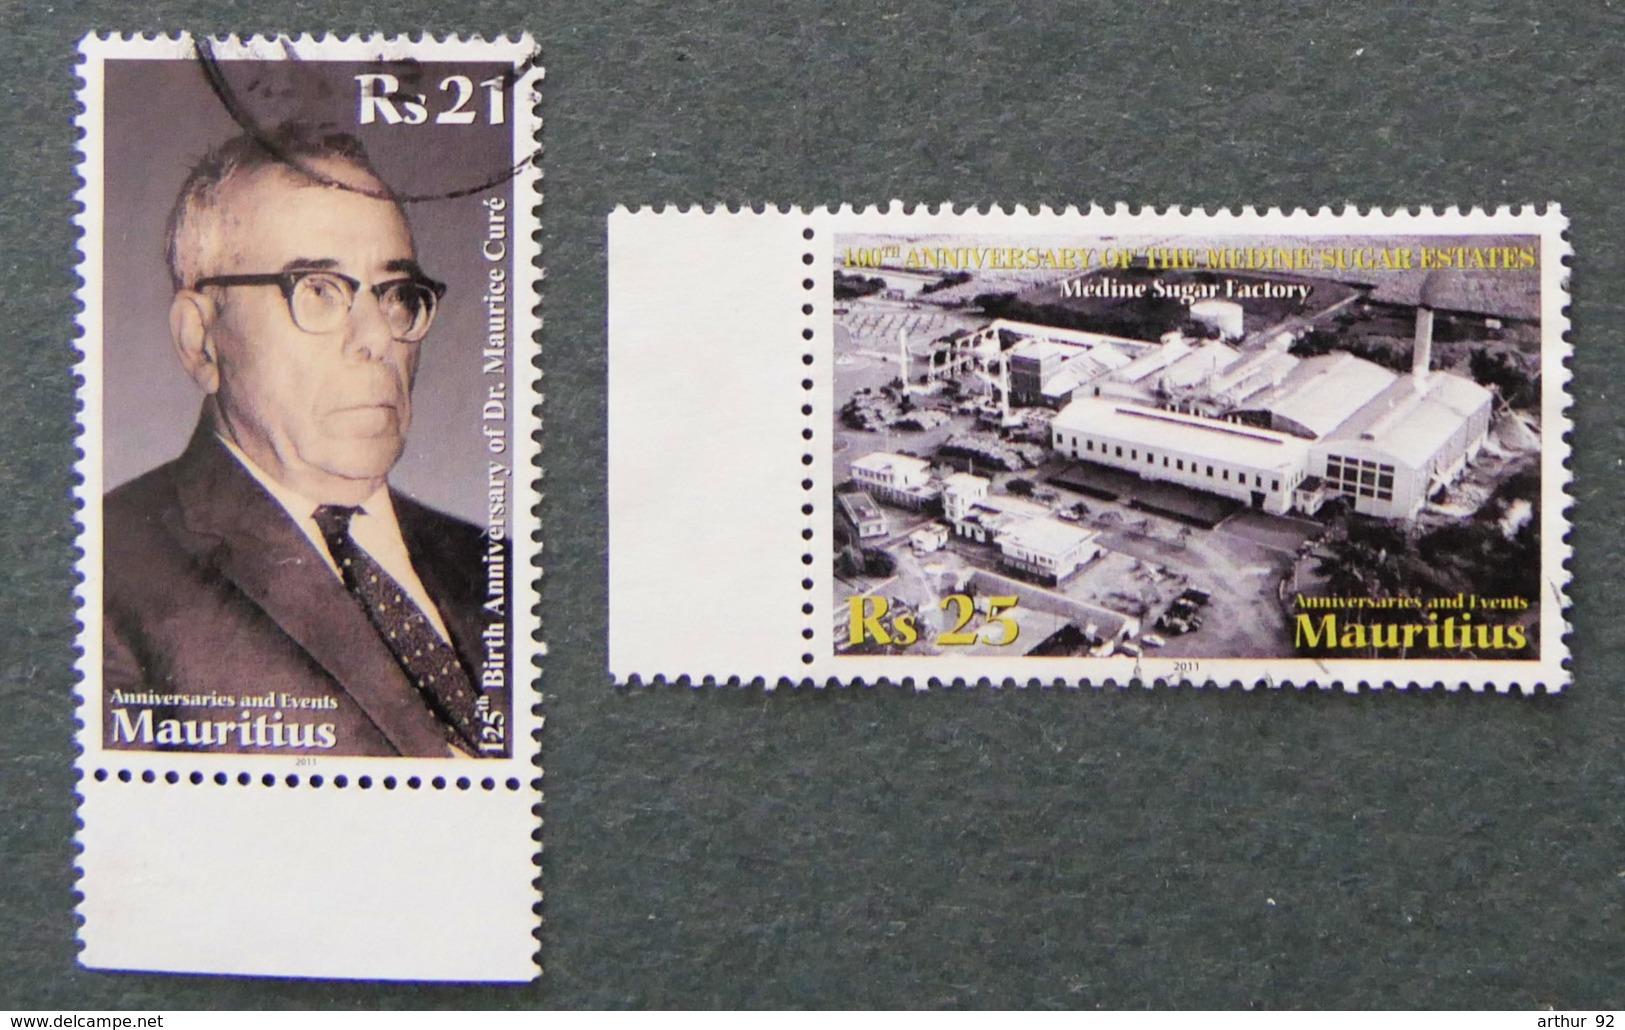 ILE MAURICE - MAURITIUS - 2011 - YT 1132 à 1133  - ANNIVERSAIRES ET EVENEMENTS - Mauritius (1968-...)